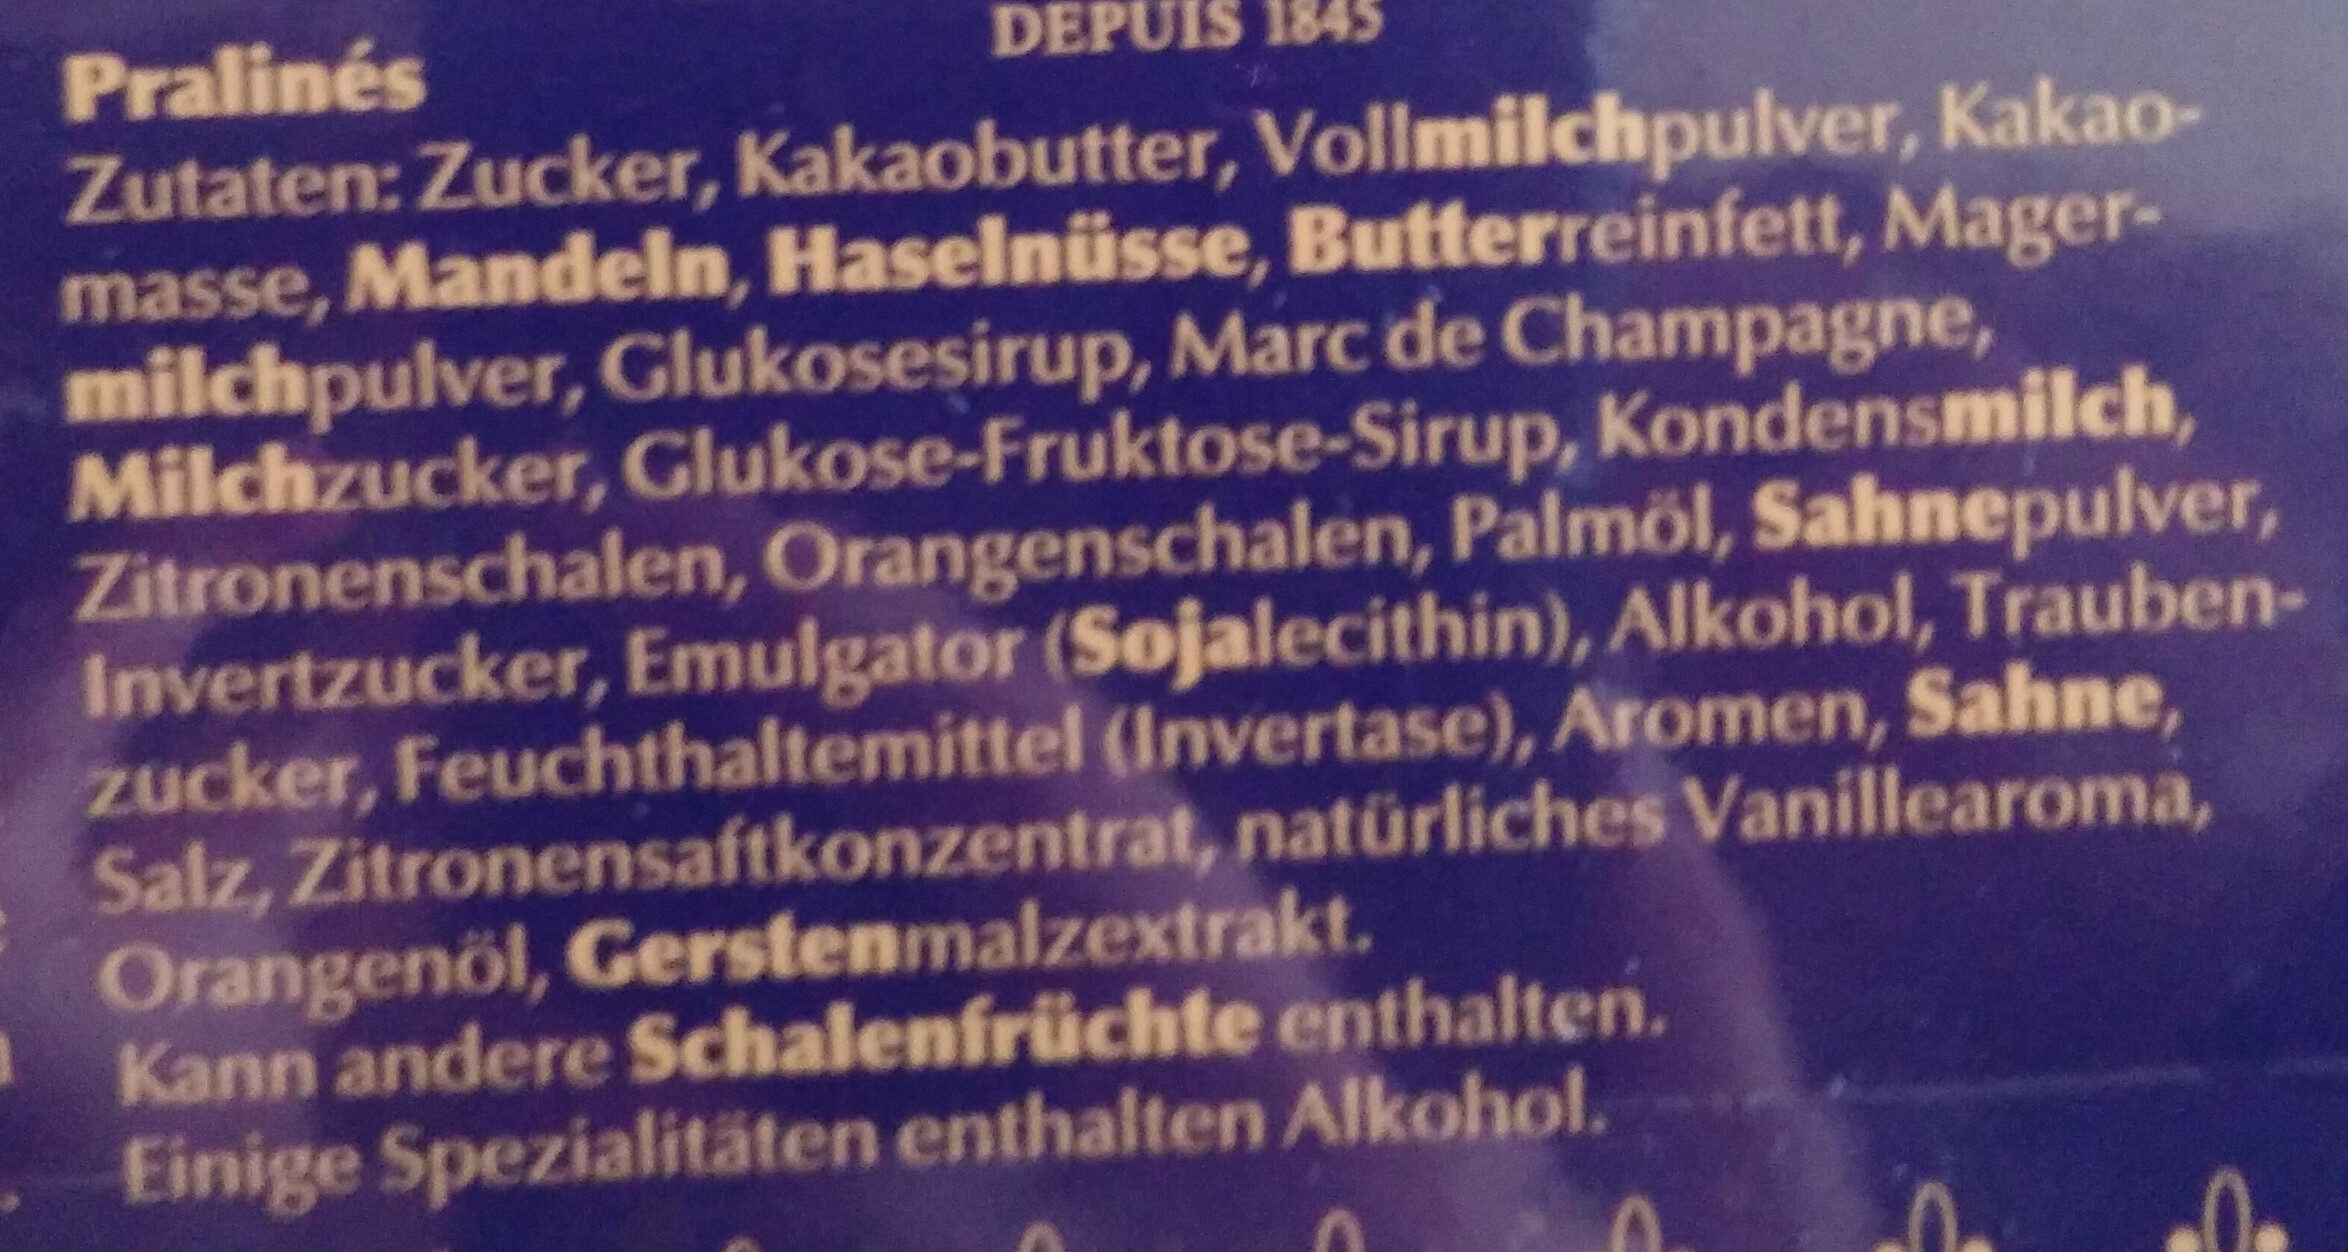 Pralinen - Inhaltsstoffe